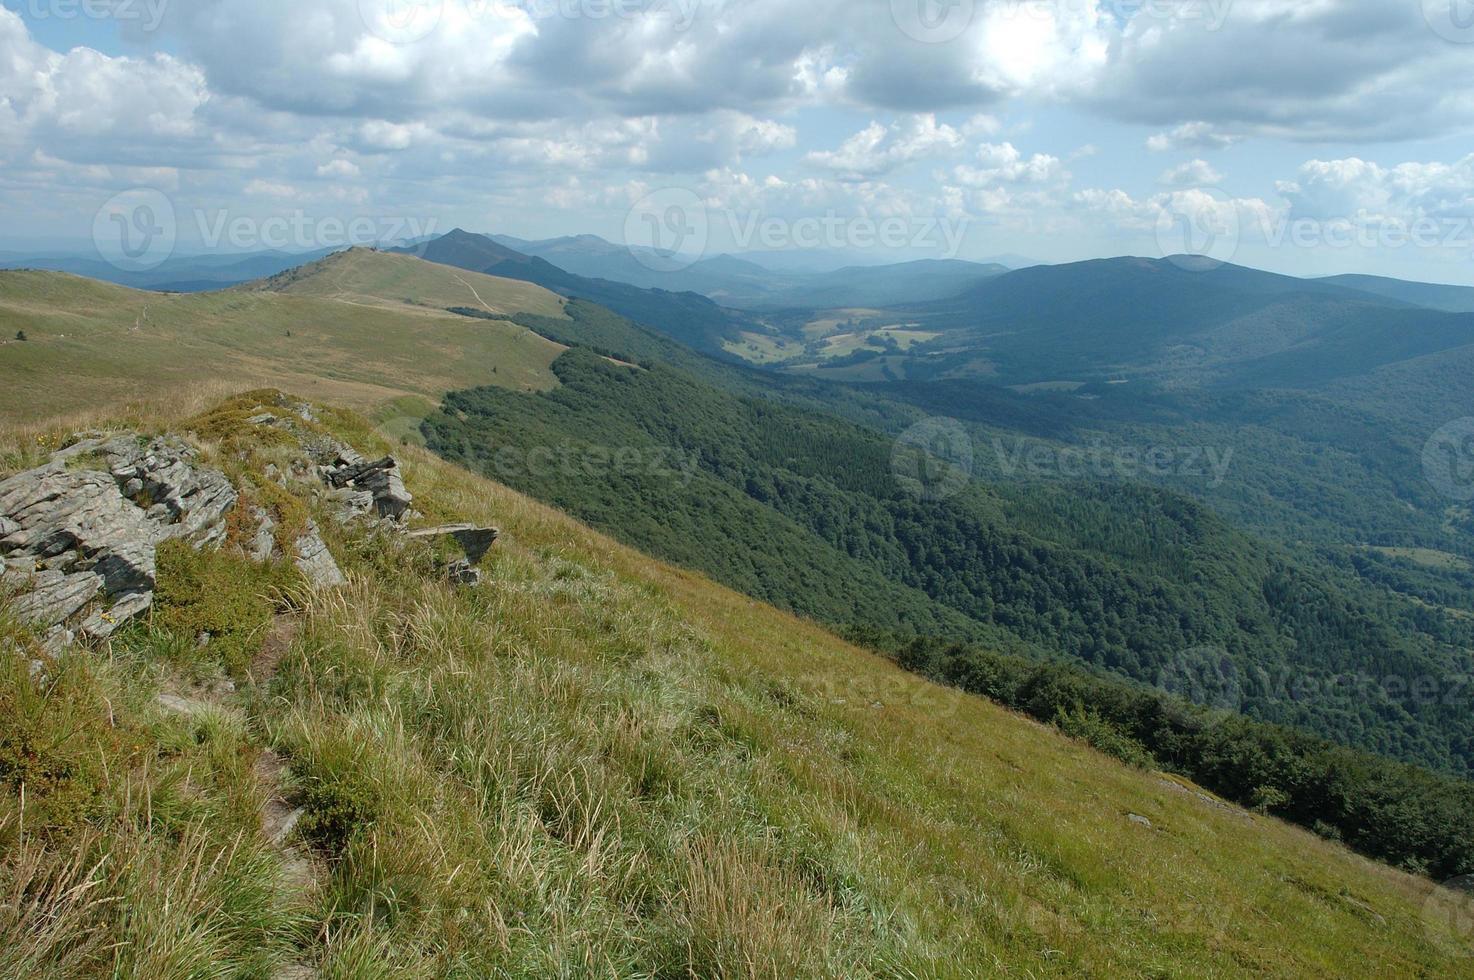 roccia sul sentiero nelle montagne bieszczady foto